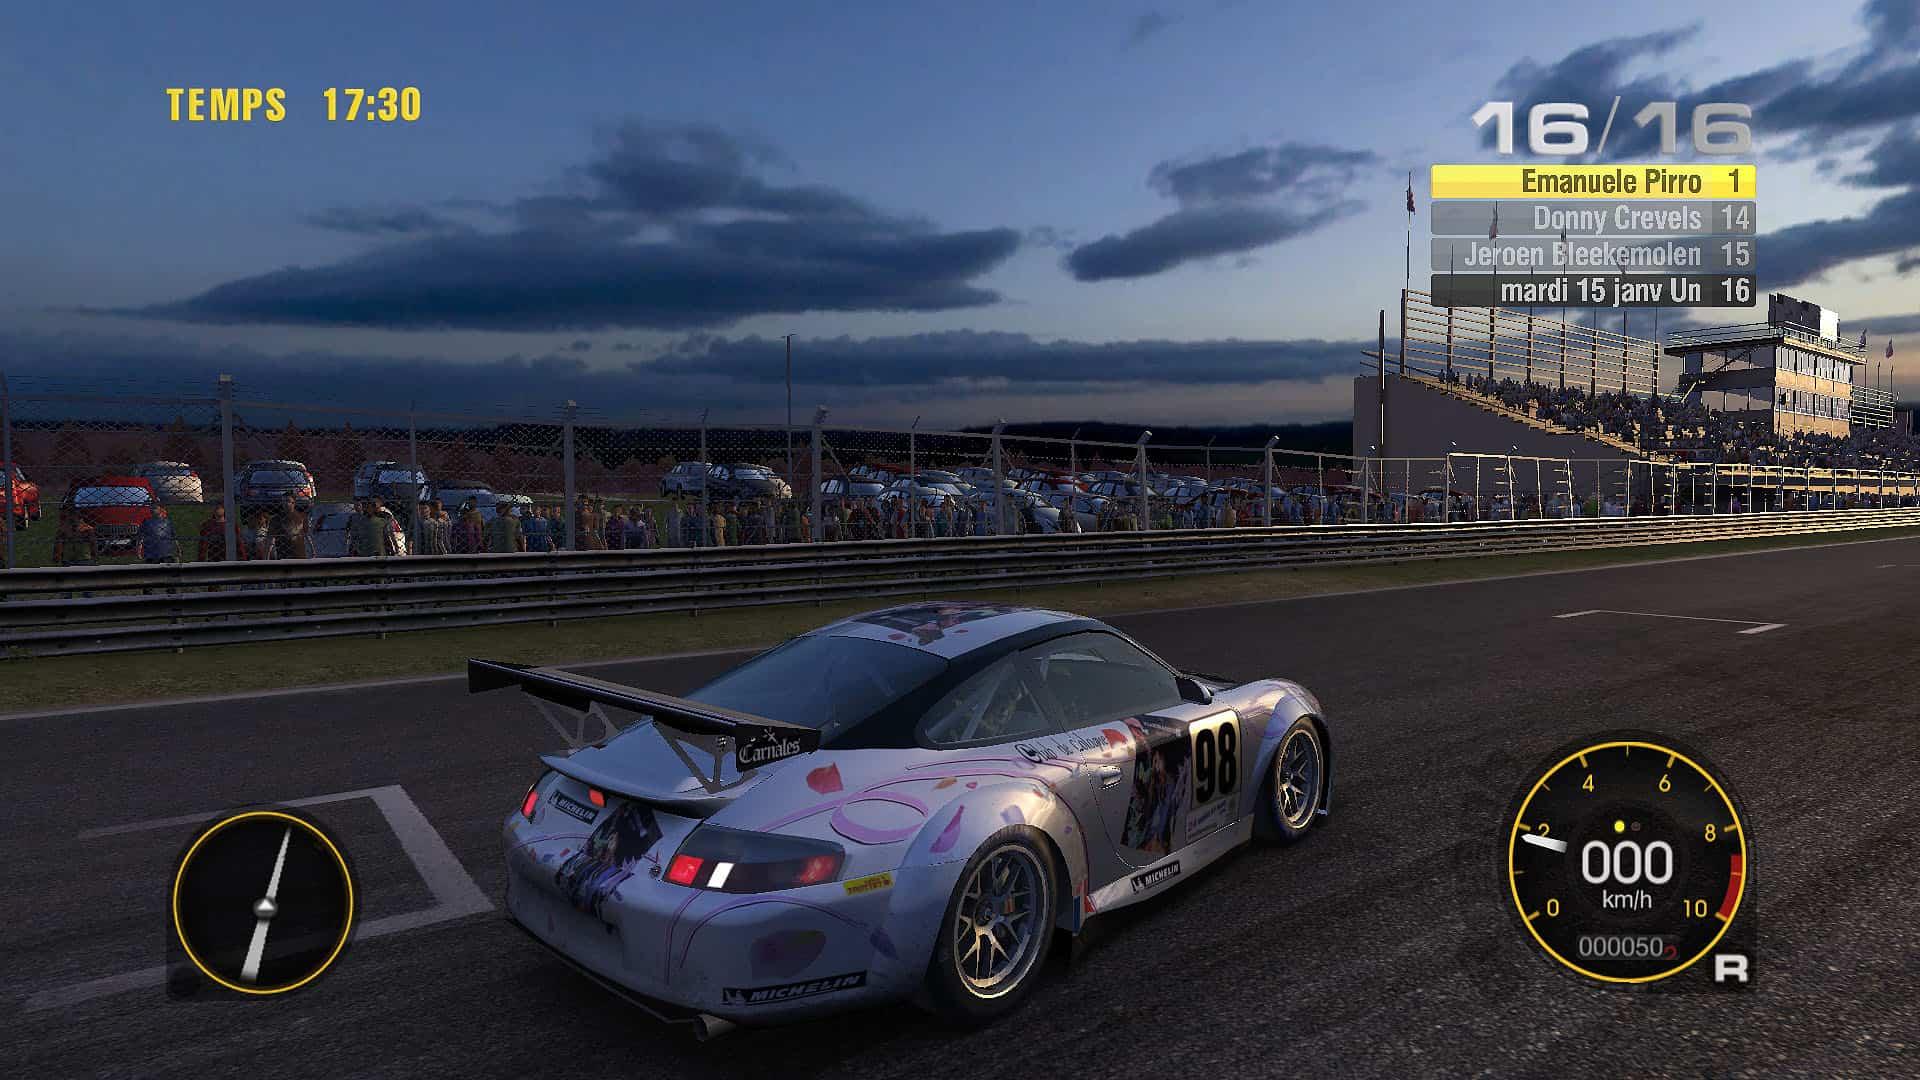 Jeu De Voiture De Course Sur Circuit - Course Automobile à Jeux De Course En Voiture